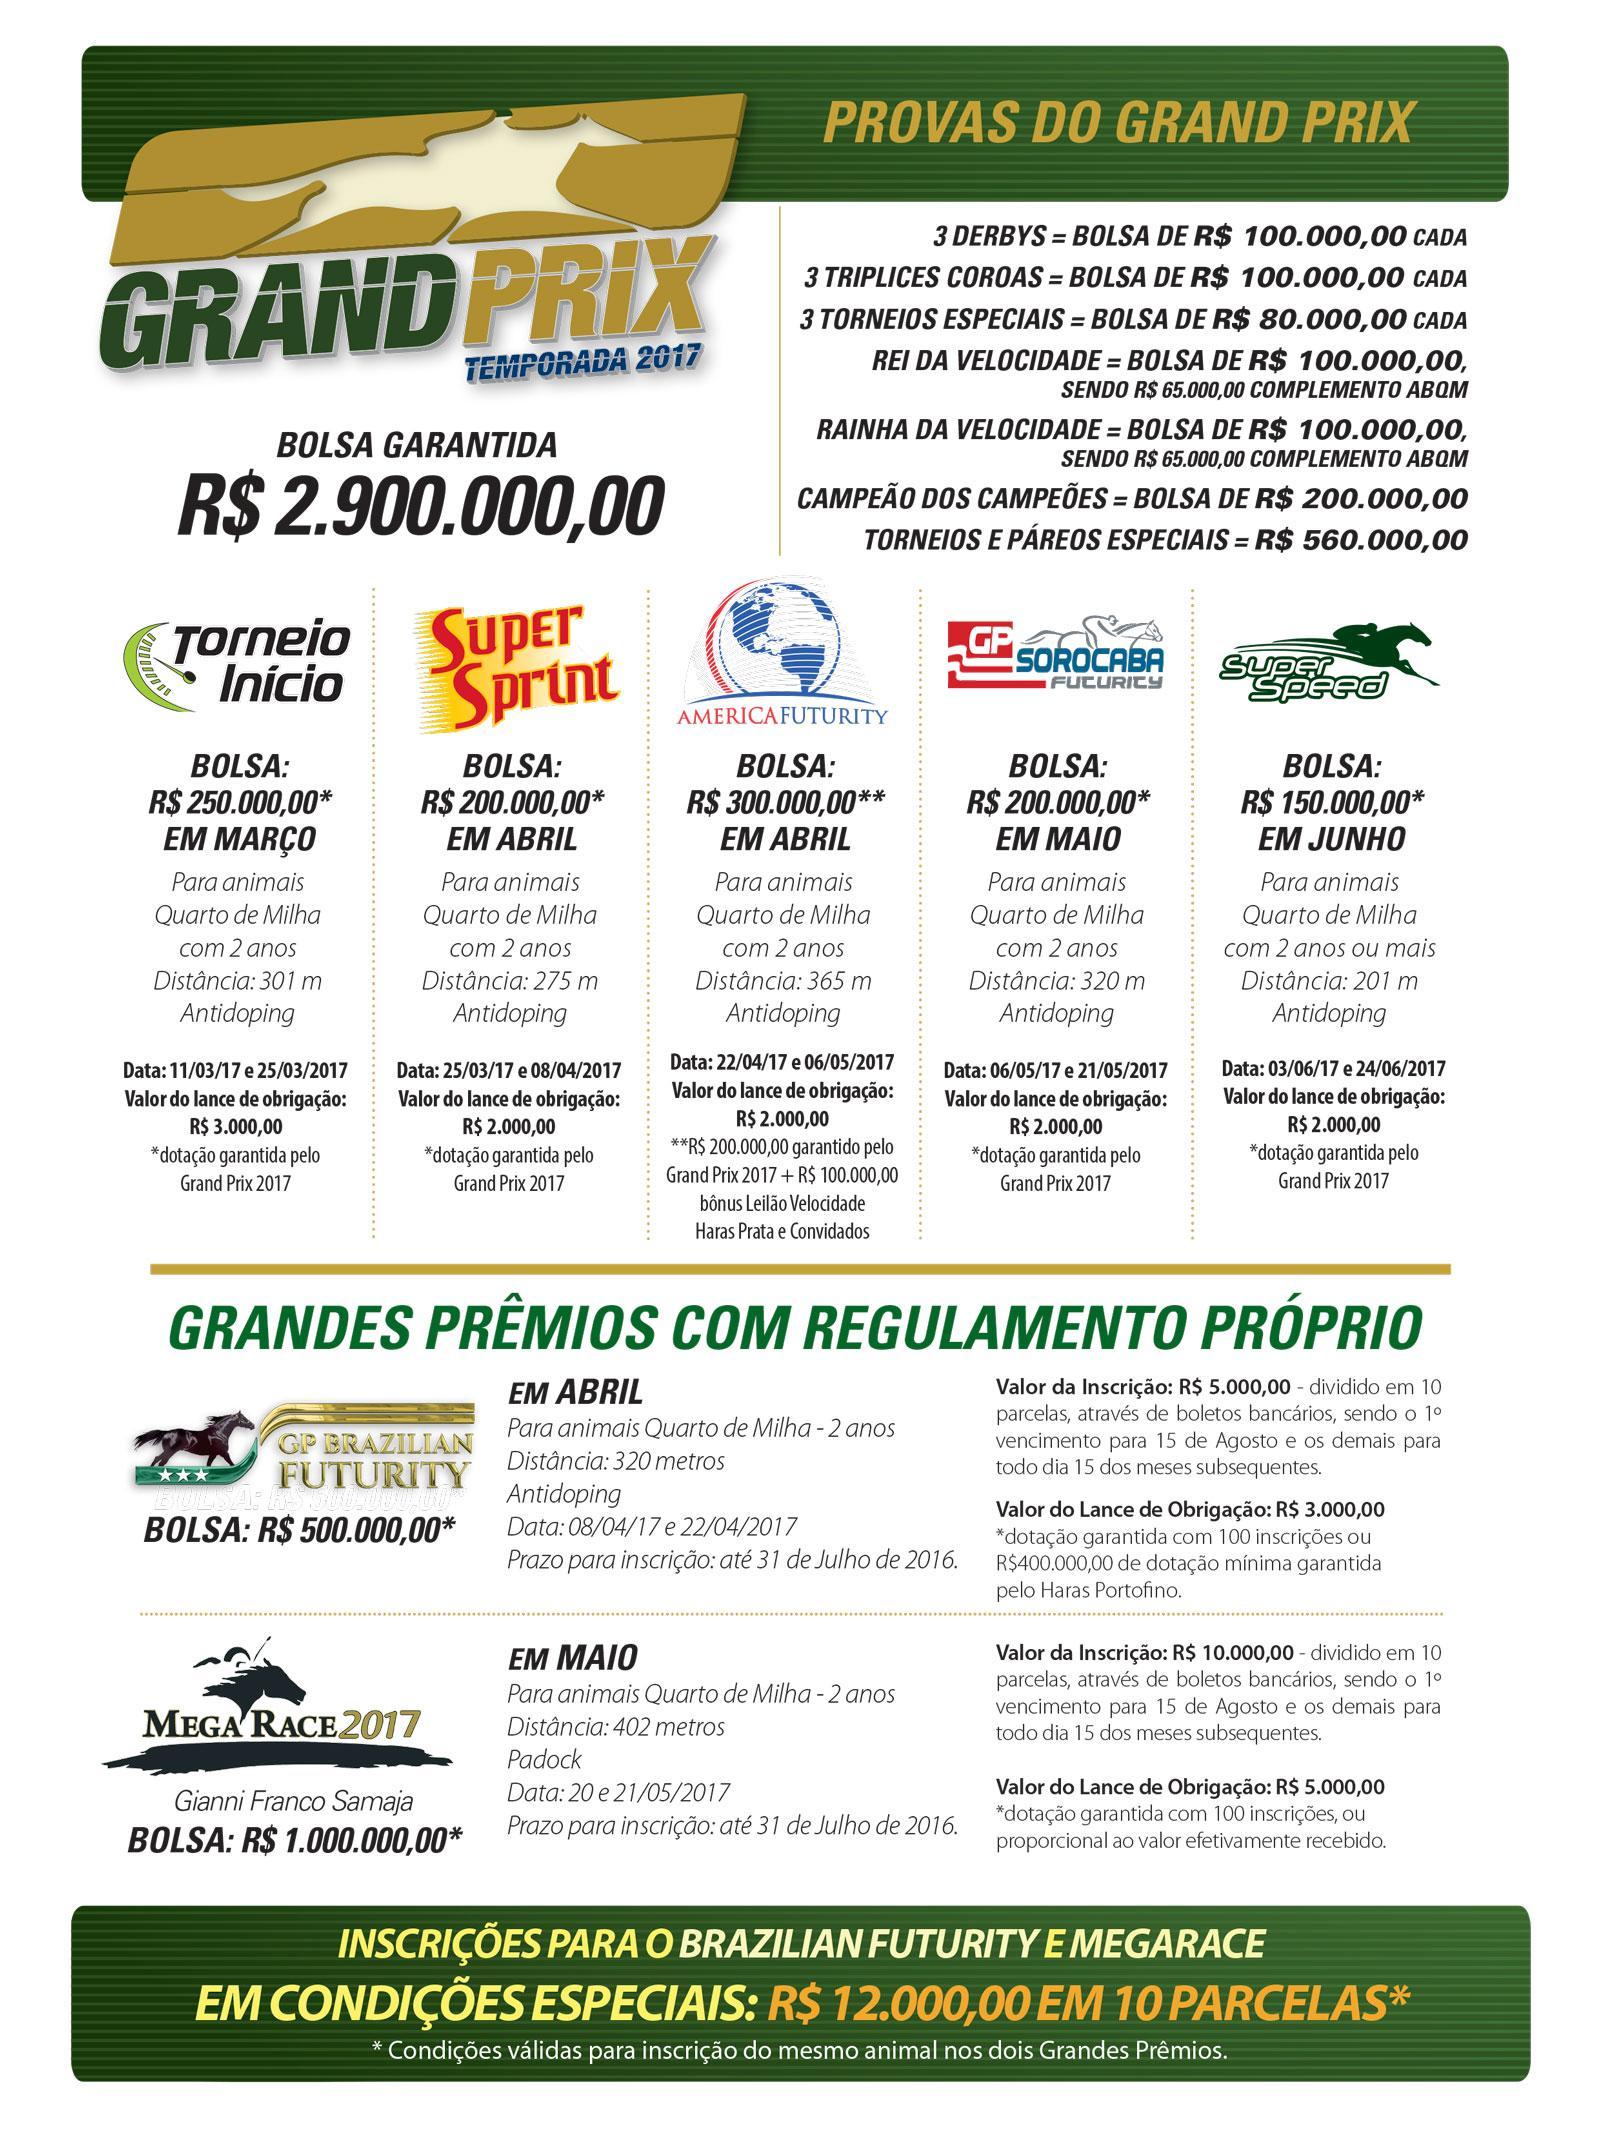 Grand Prix - Temporada 2017